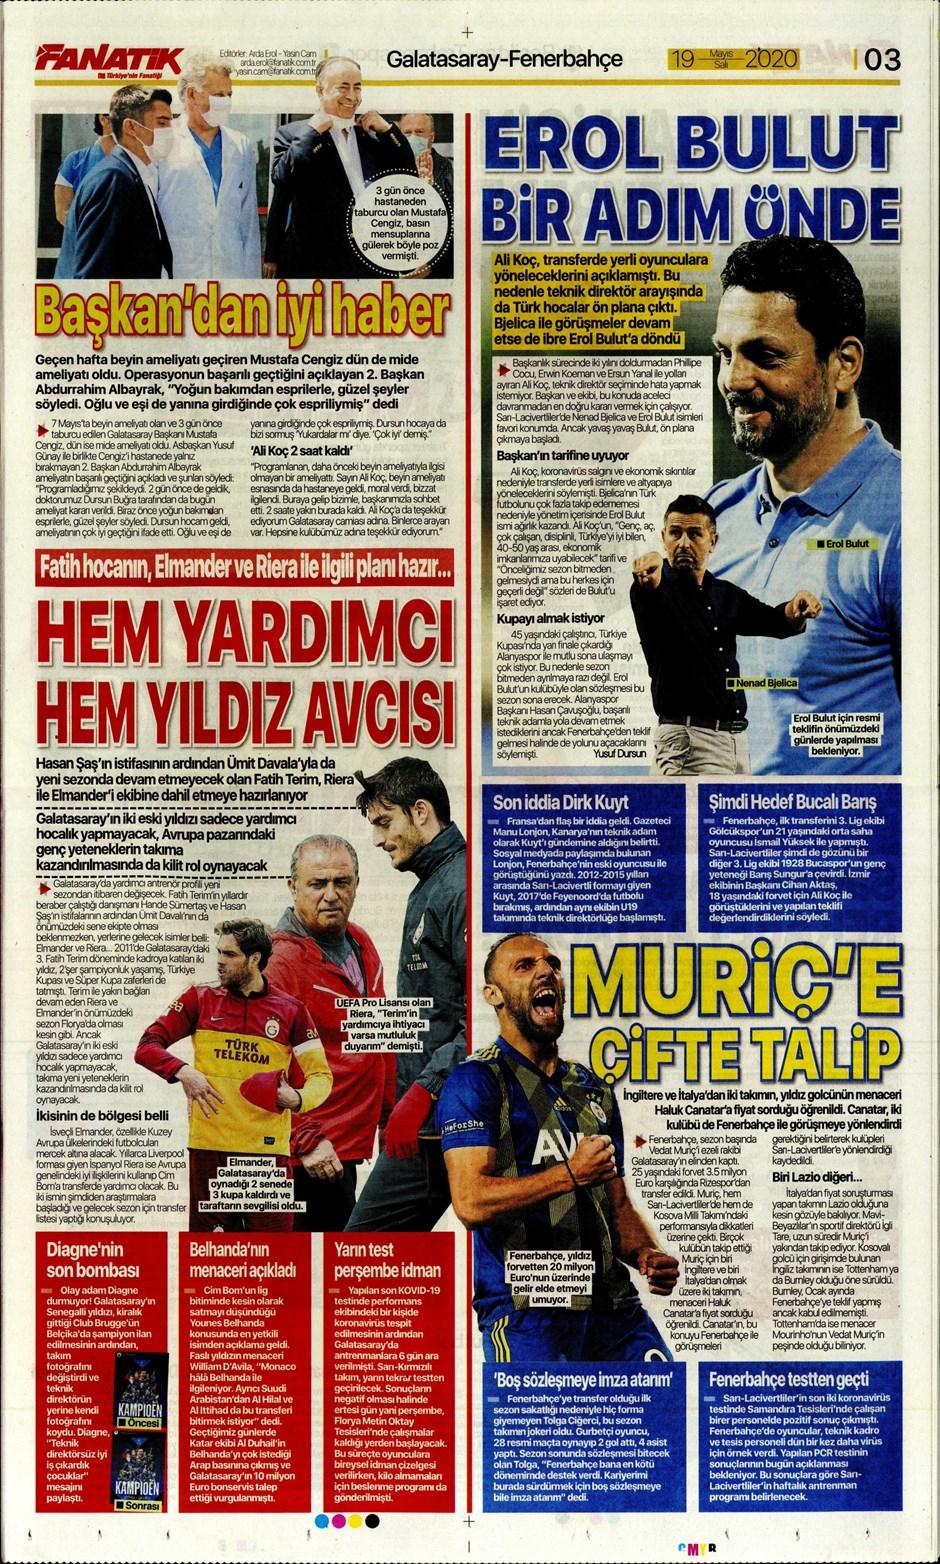 İşte 19 Mayıs günün spor manşetleri! Haftanın önemli spor gelişmeleri 1